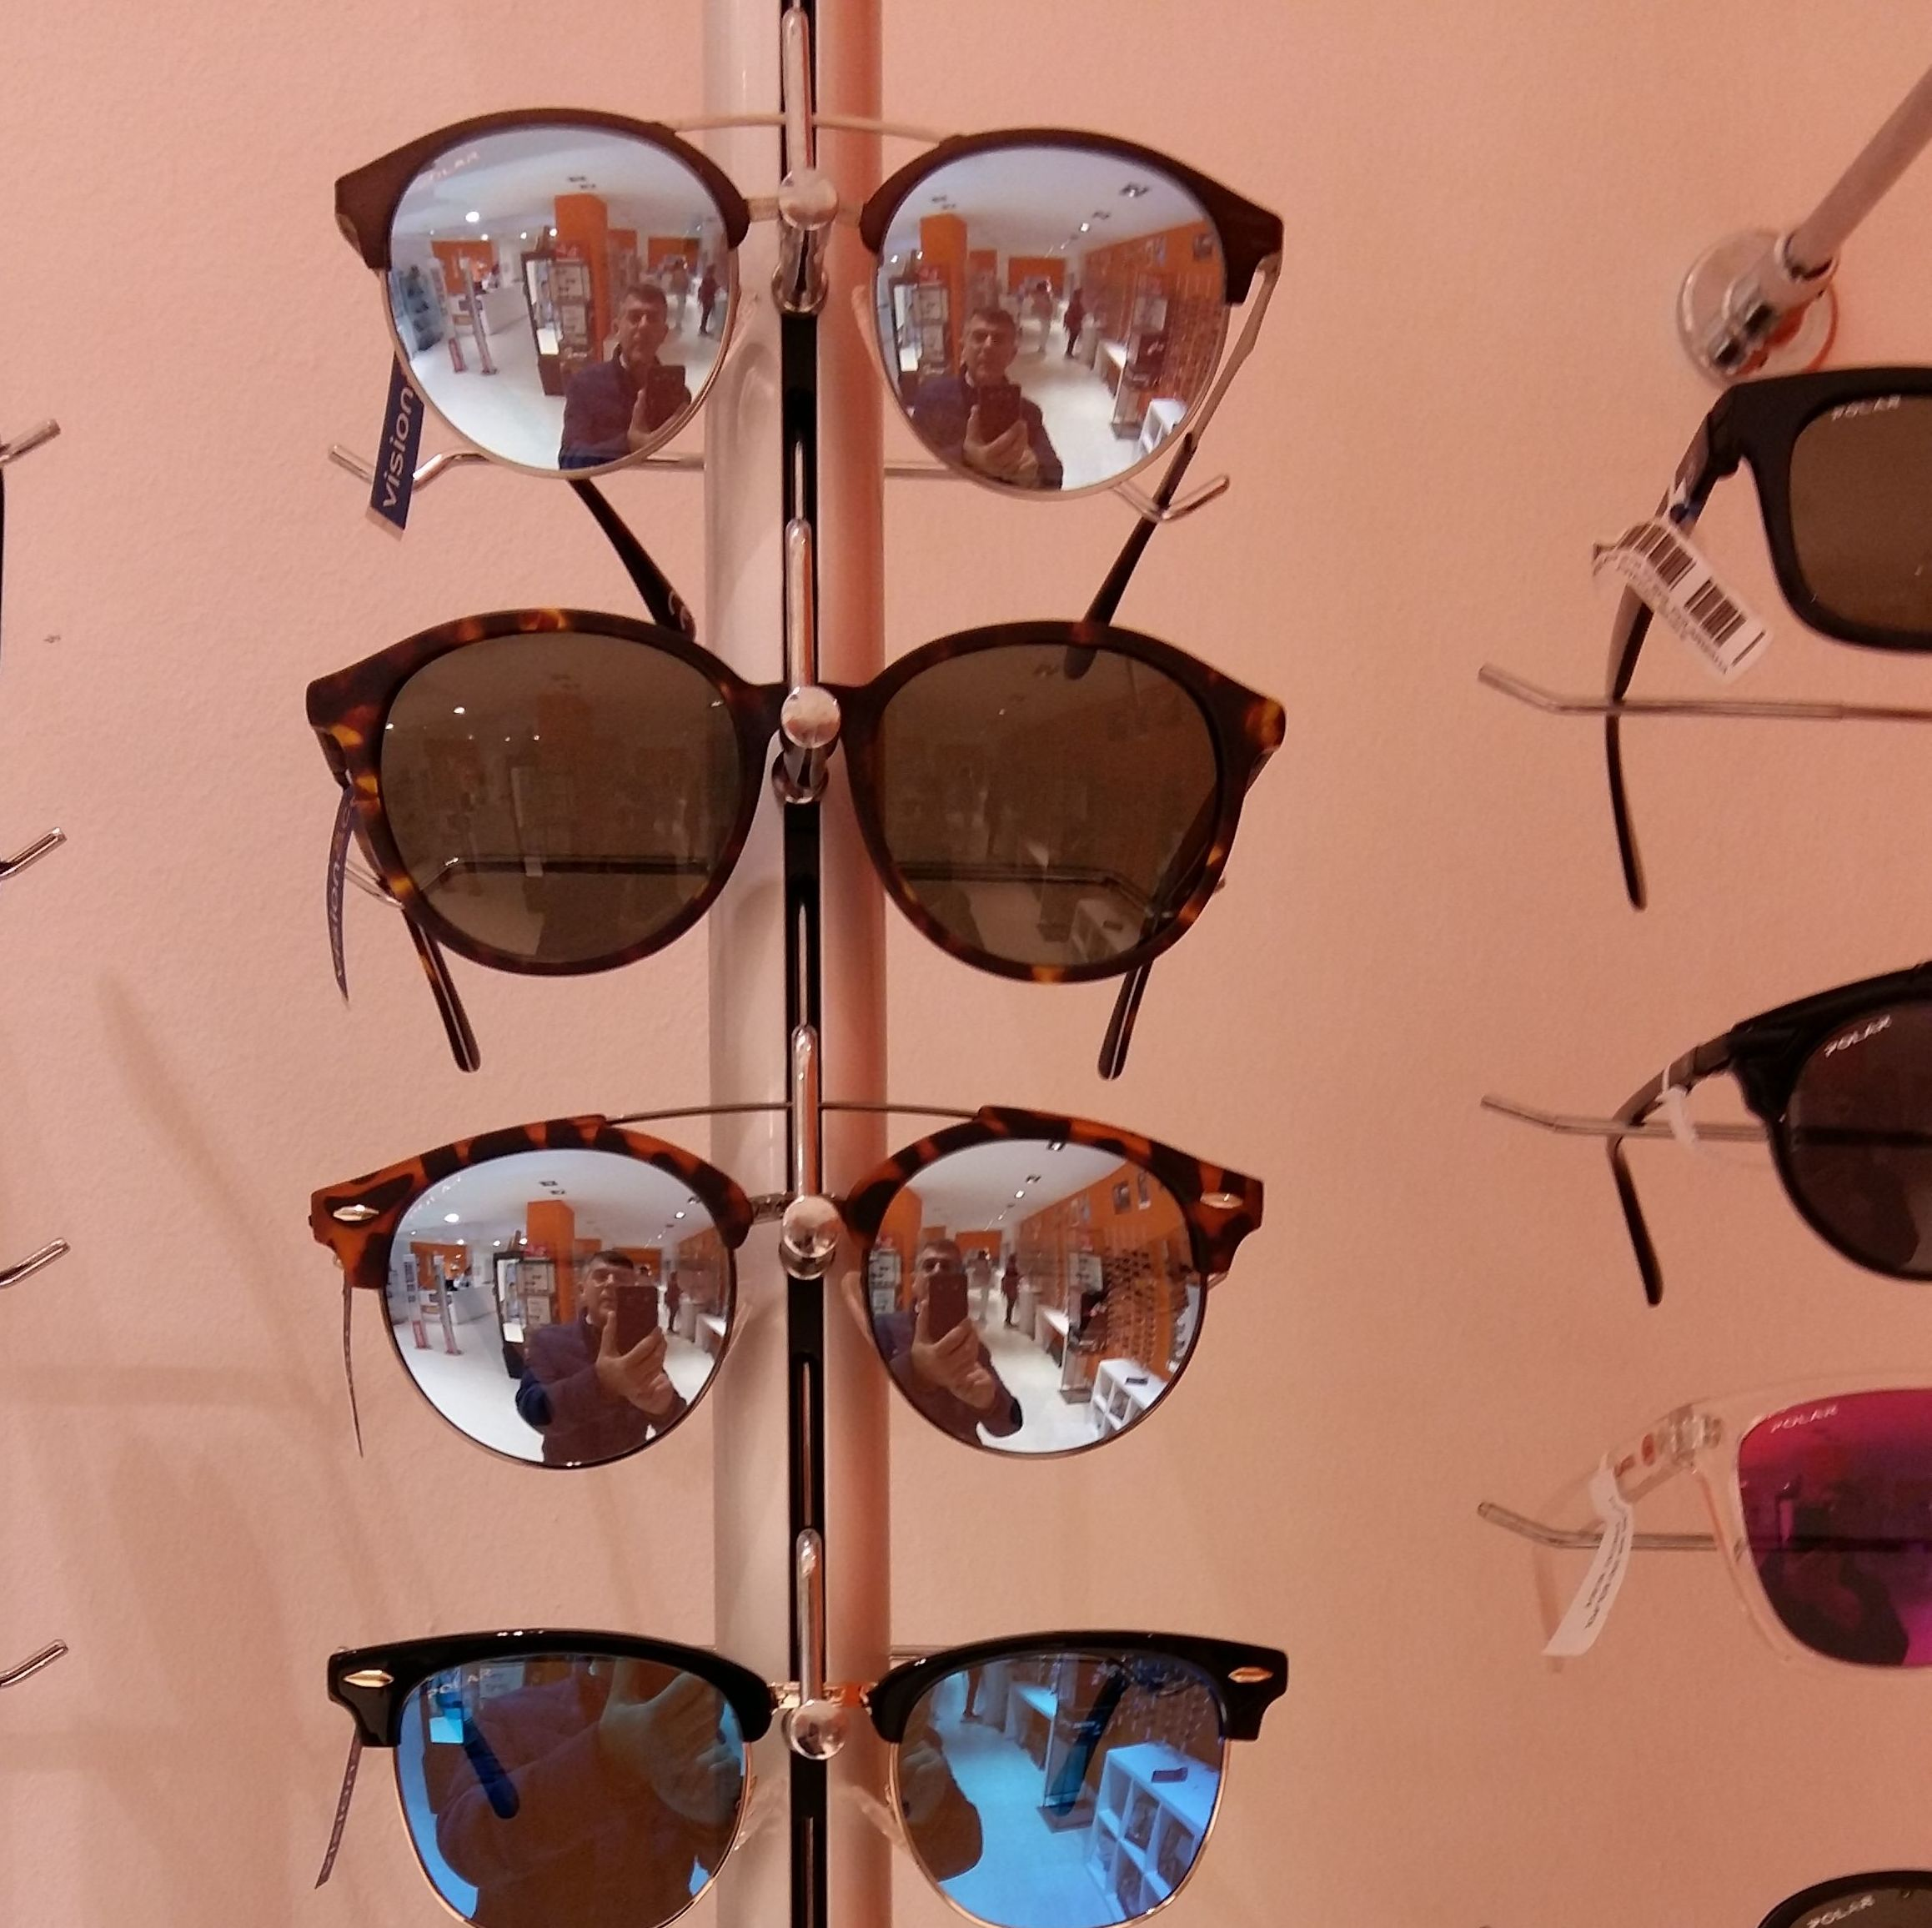 Monturas y gafas de sol: Servicios - Promociones de Visión & CO Huelva